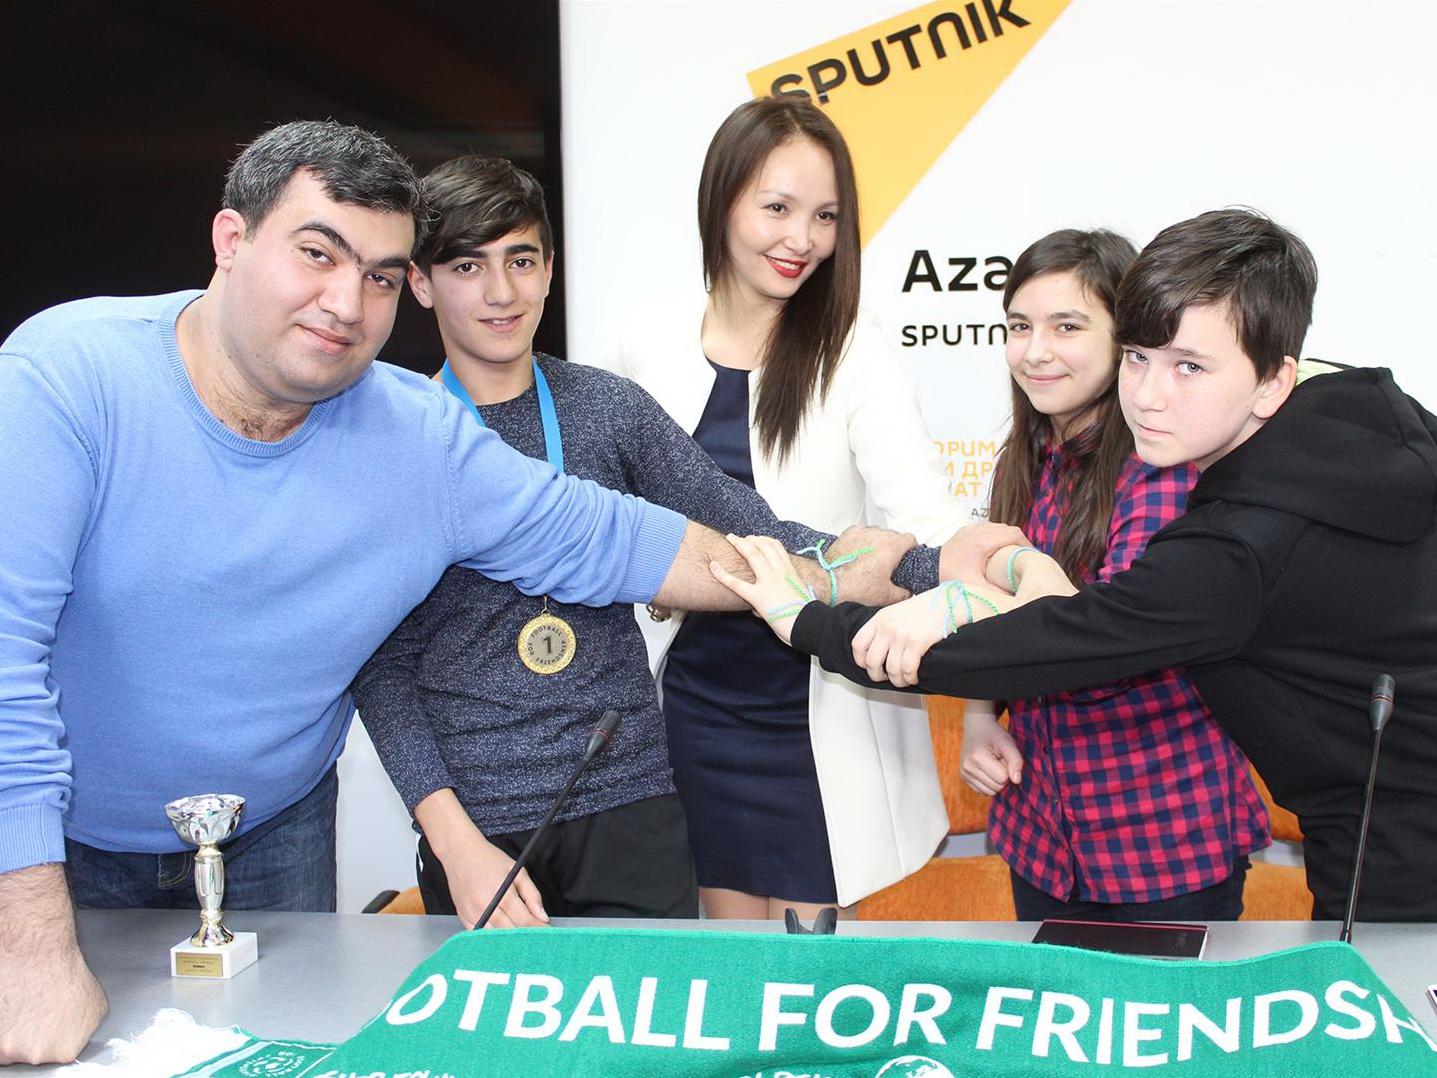 Джонатан Фергюсон и Рена Алиева о том, что представят Азербайджан на турнире «Футбол для дружбы»